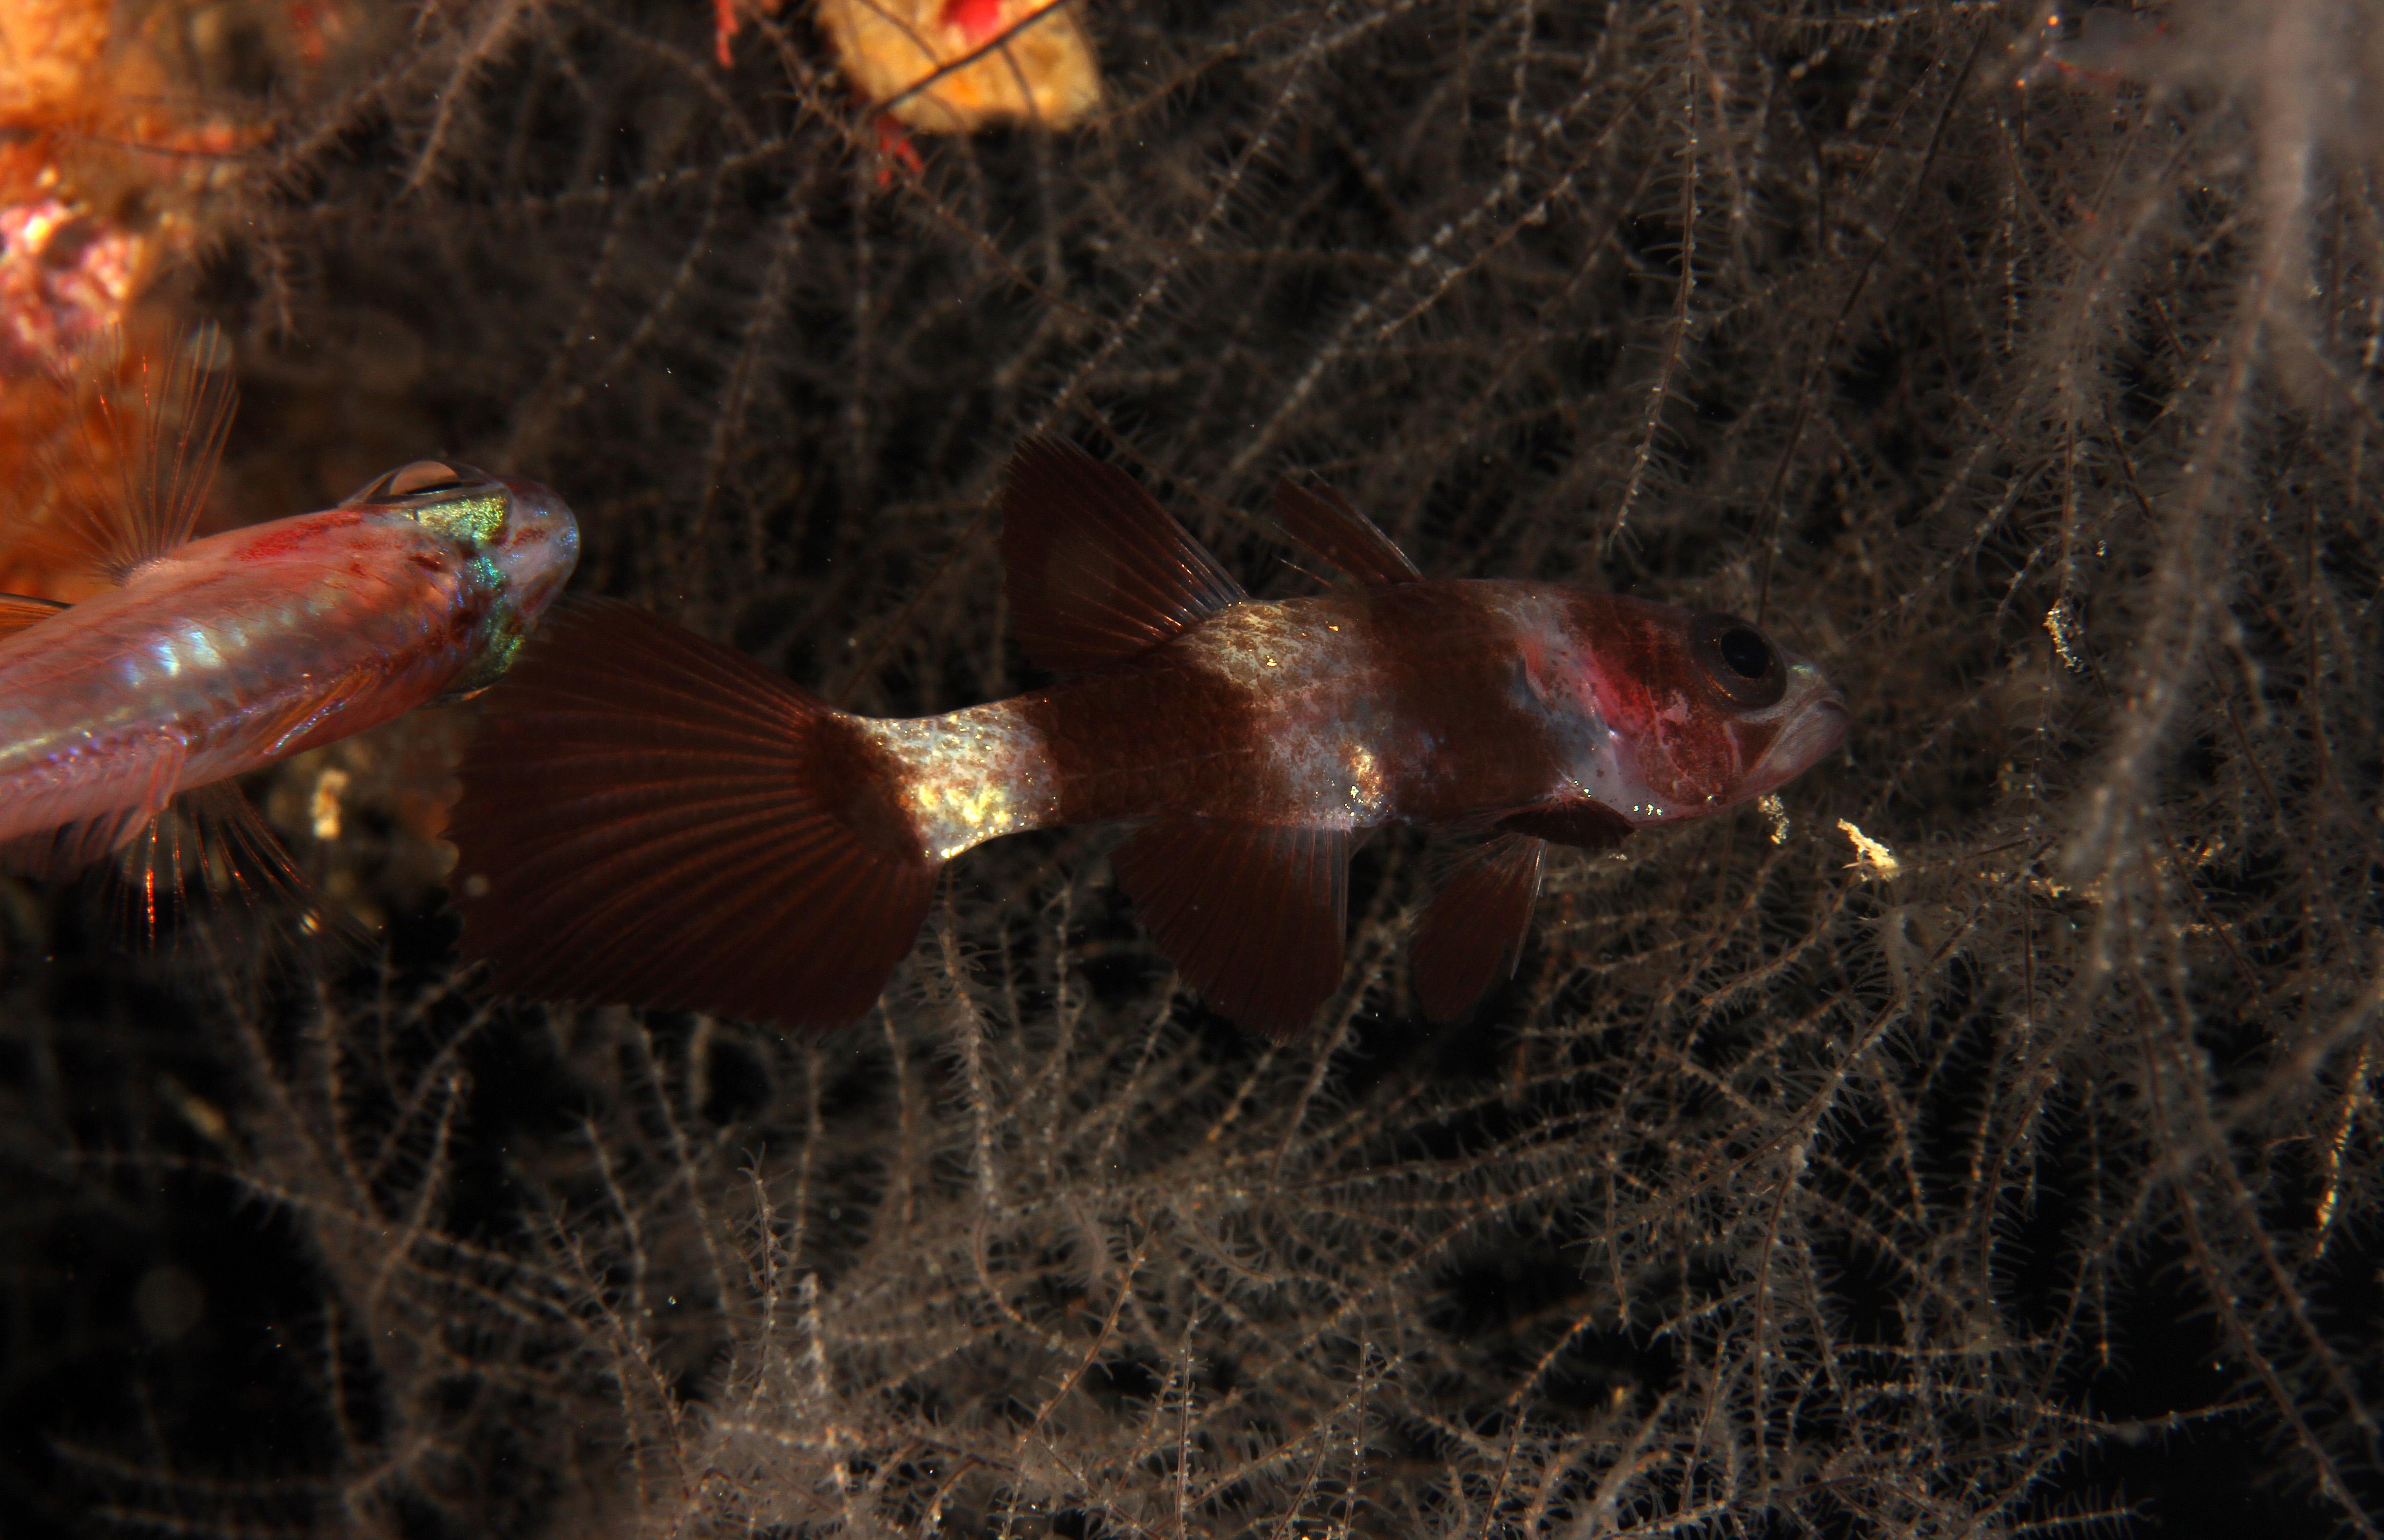 Paddlefin Cardinal Fish